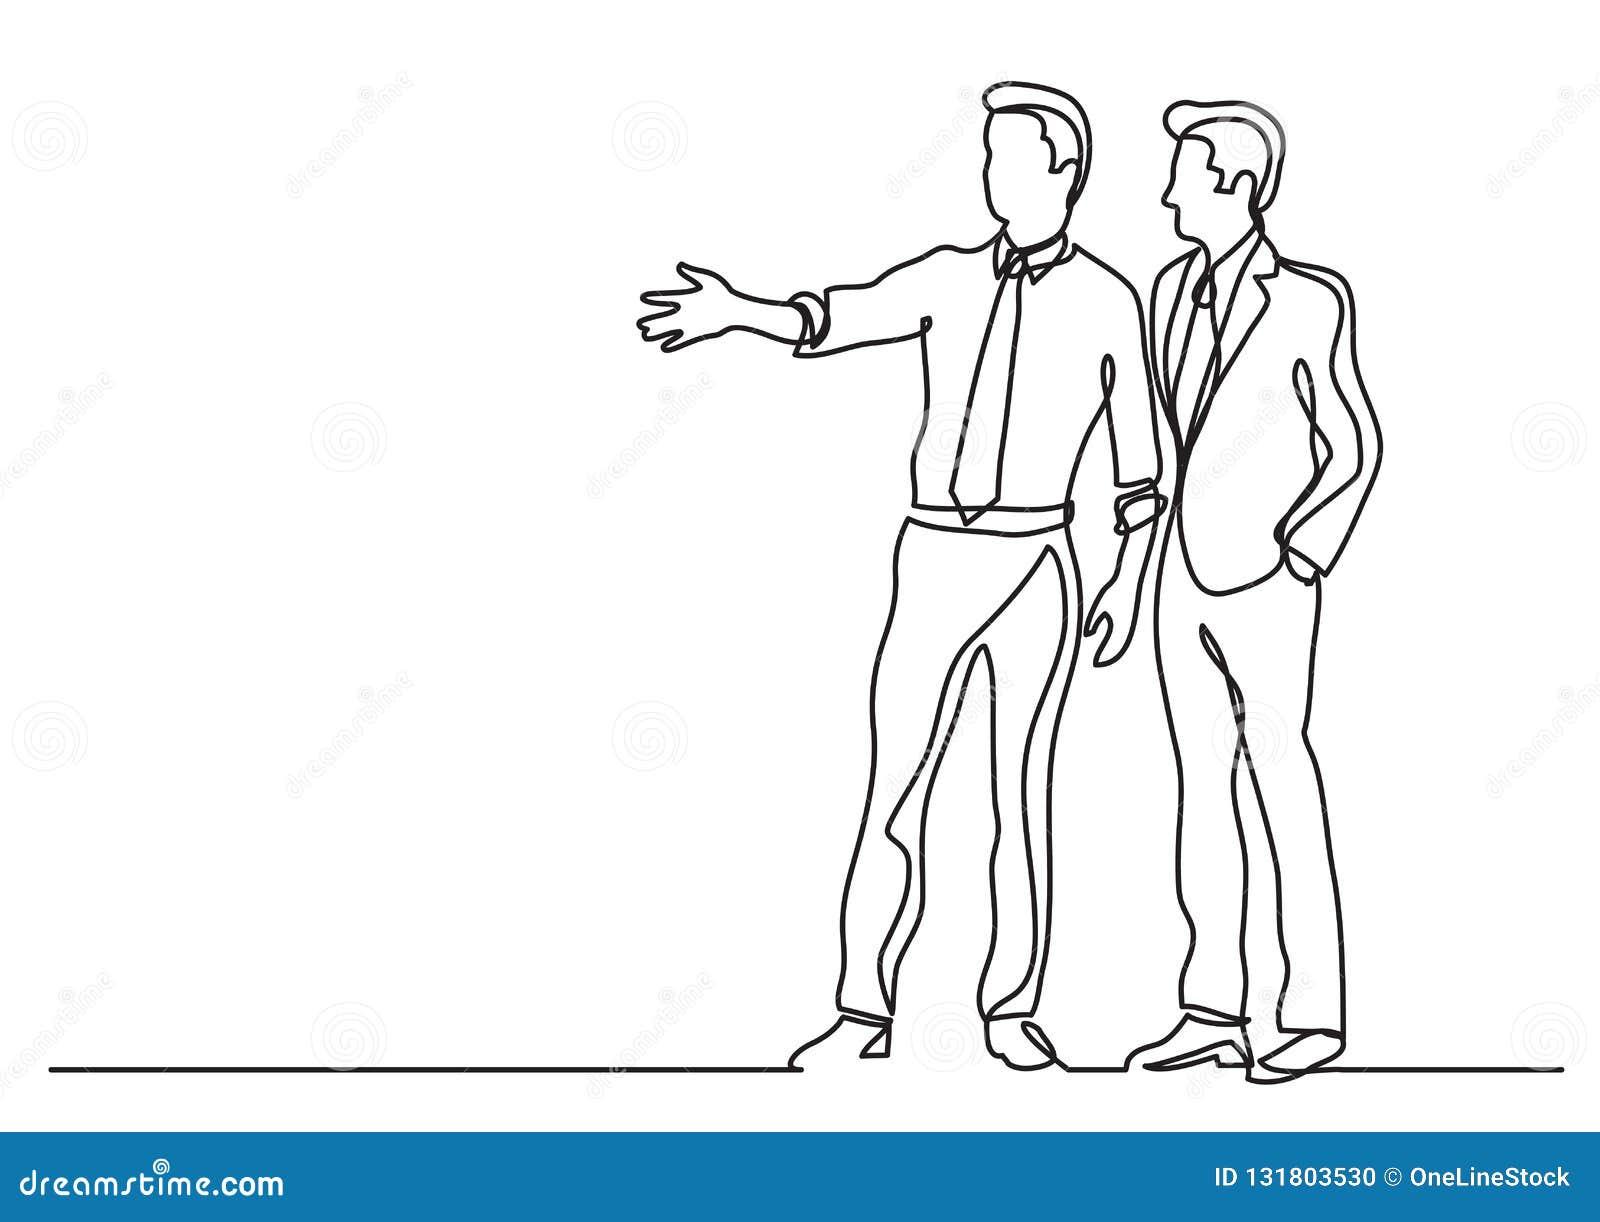 Dibujo lineal continuo de la situación de negocio - dos hombres de negocios que discuten planes